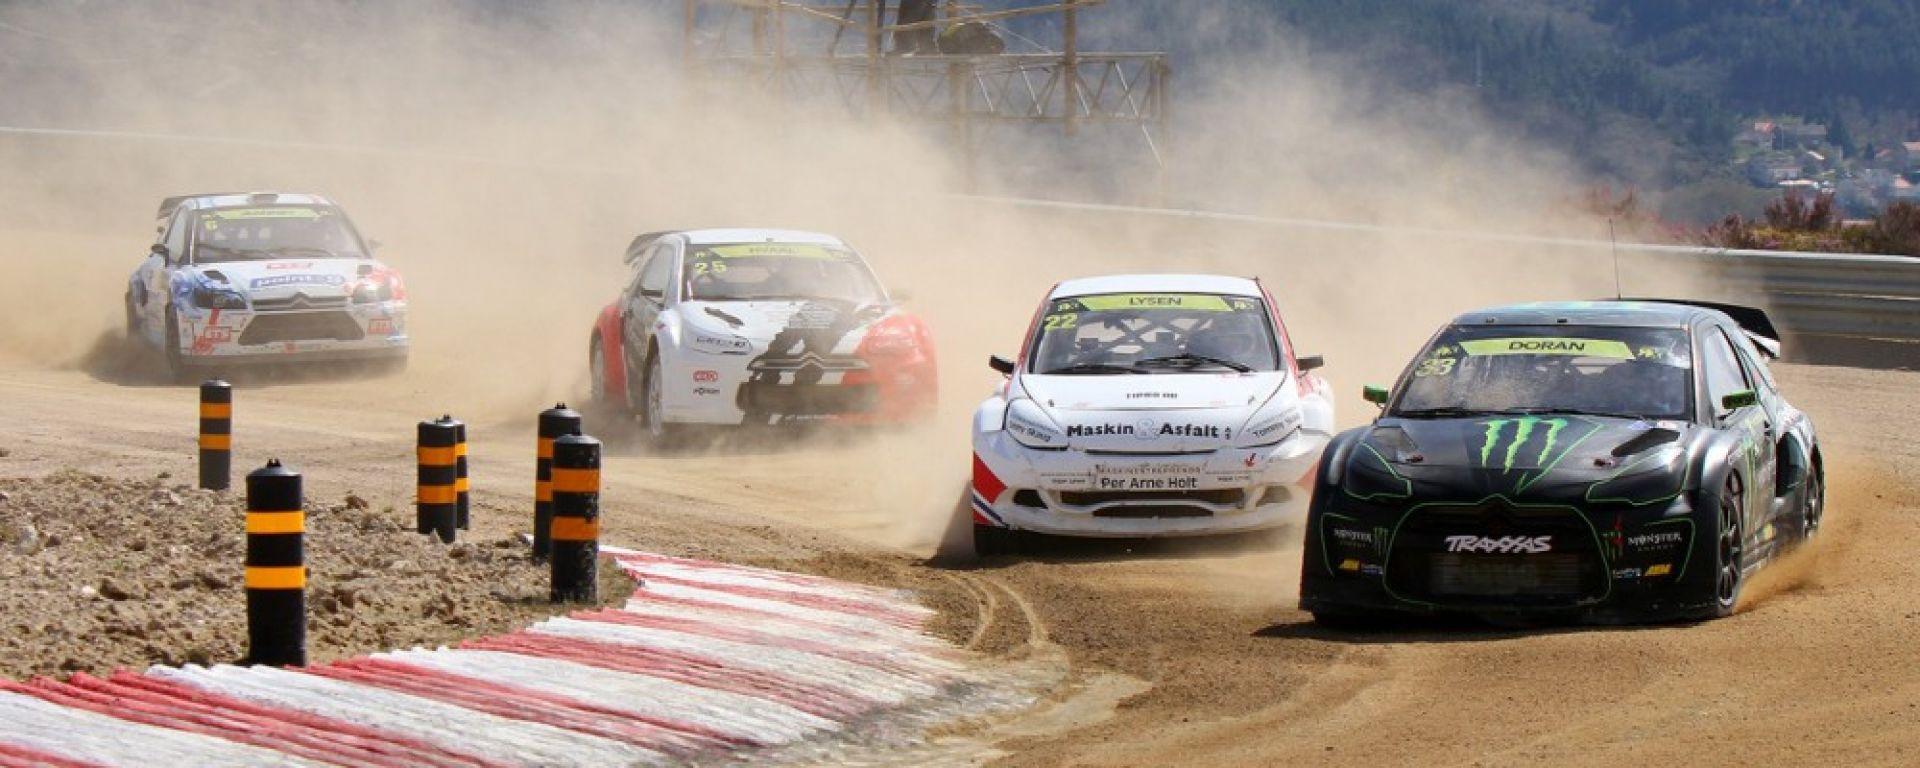 Rallycross 2018: GP Montalegre Portogallo - Info, risultati, programma, orari